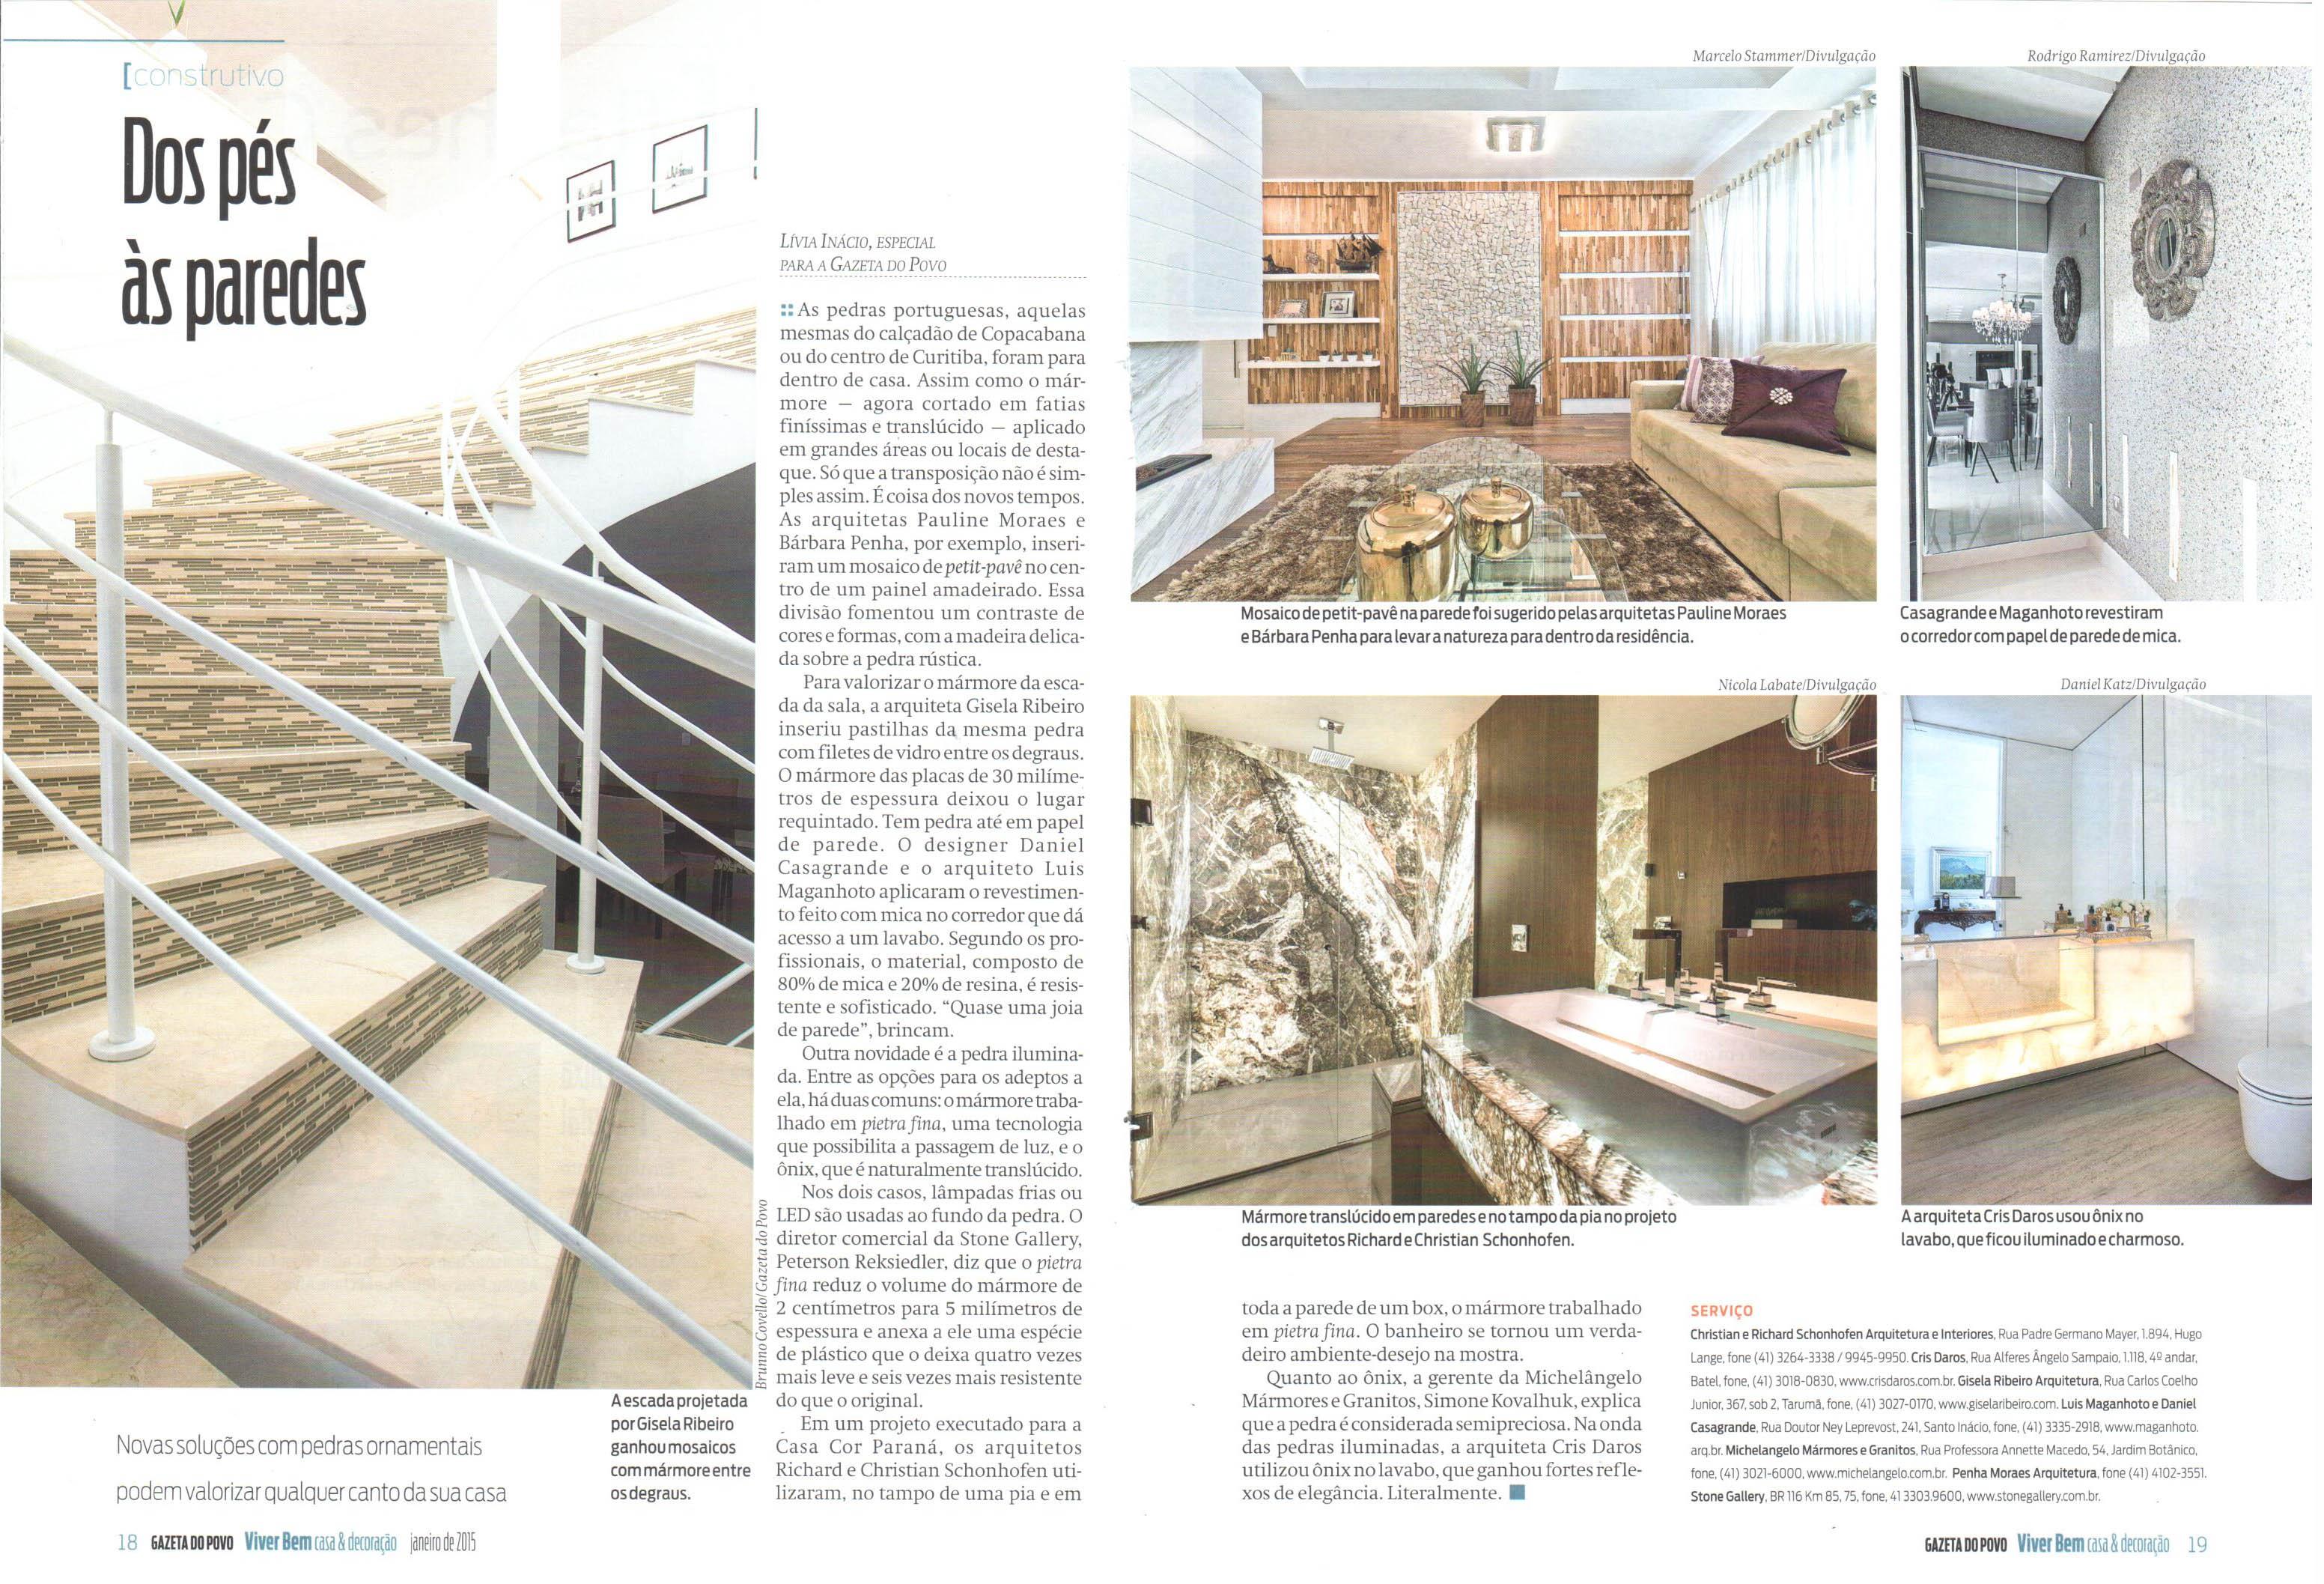 Solução em projeto é destaque na revista Haus da Gazeta do Povo